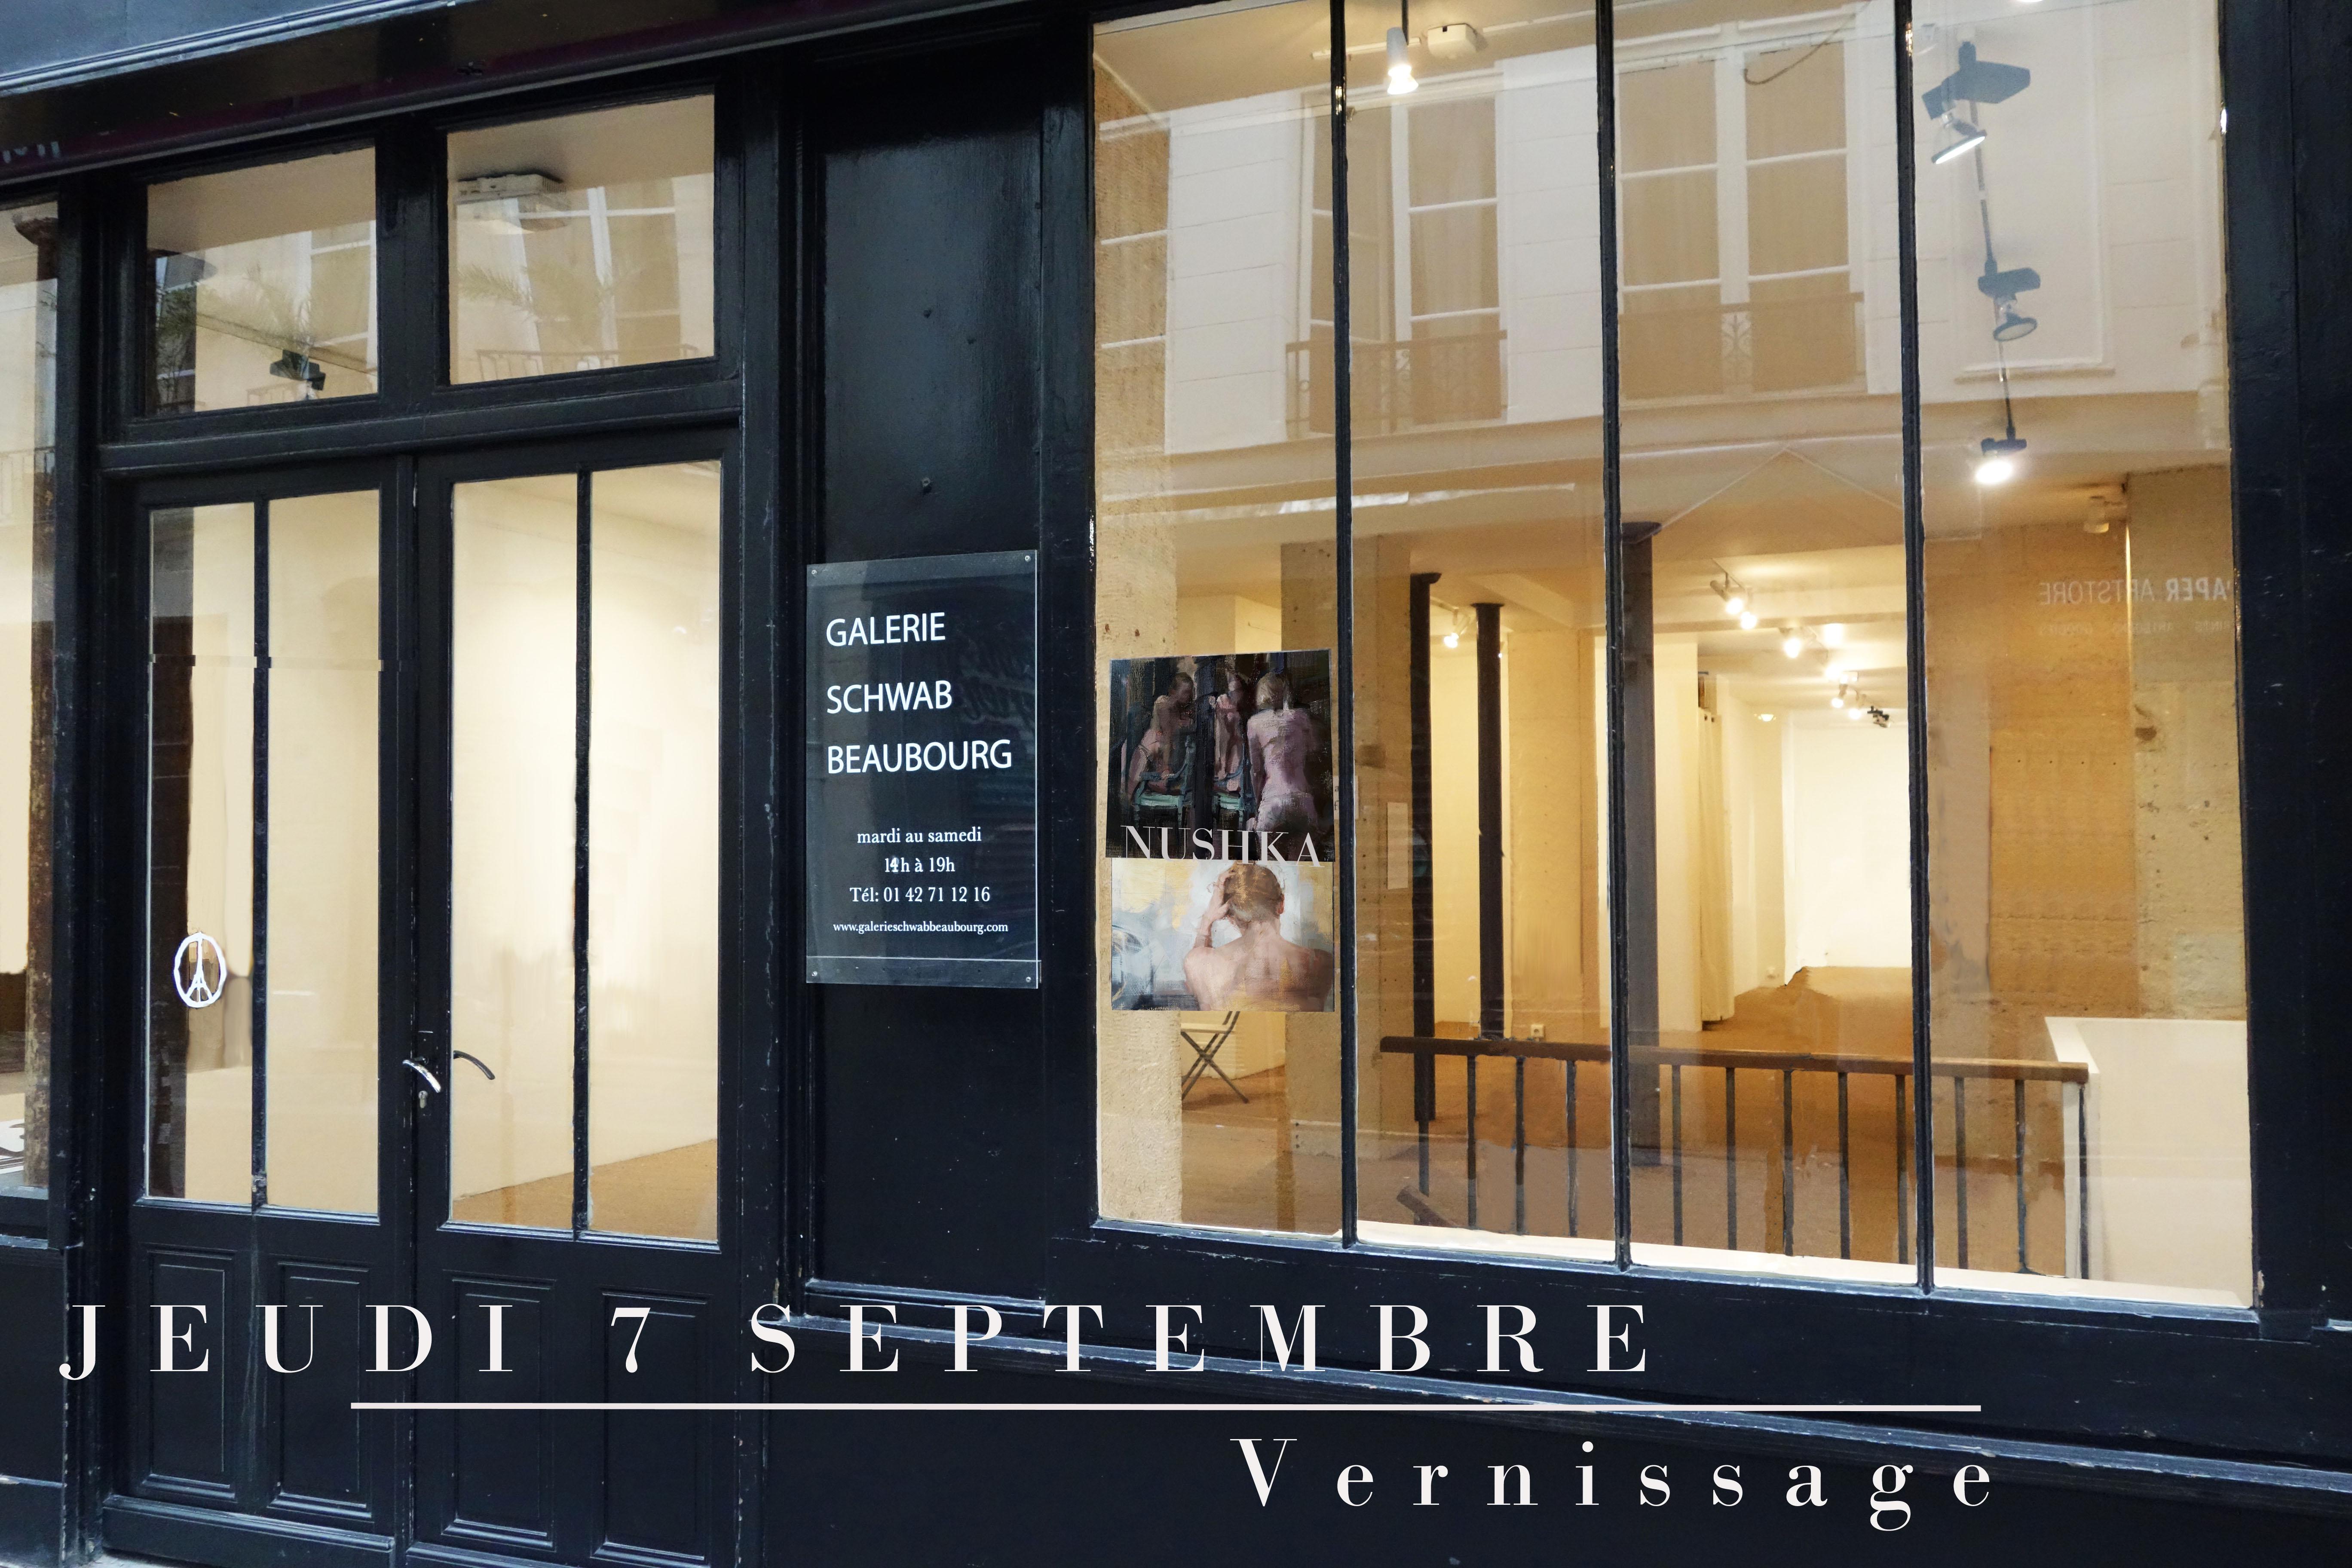 Vernissage le Jeudi 7 Septembre à la Galerie Schwab Beaubourg